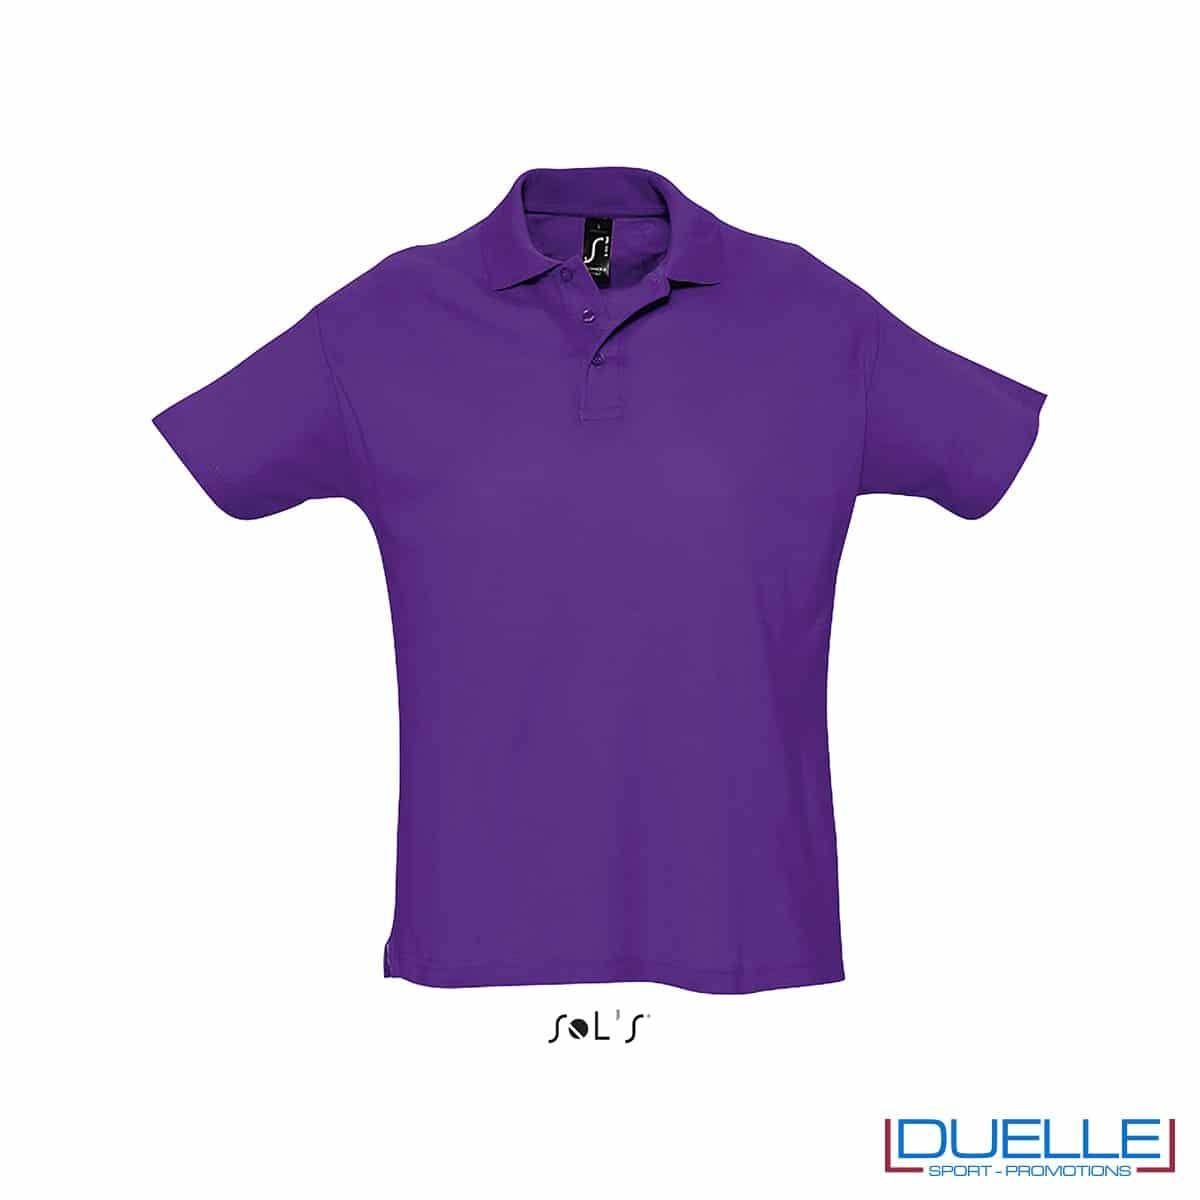 polo personalizzata colore viola scuro, polo piquet personalizzata